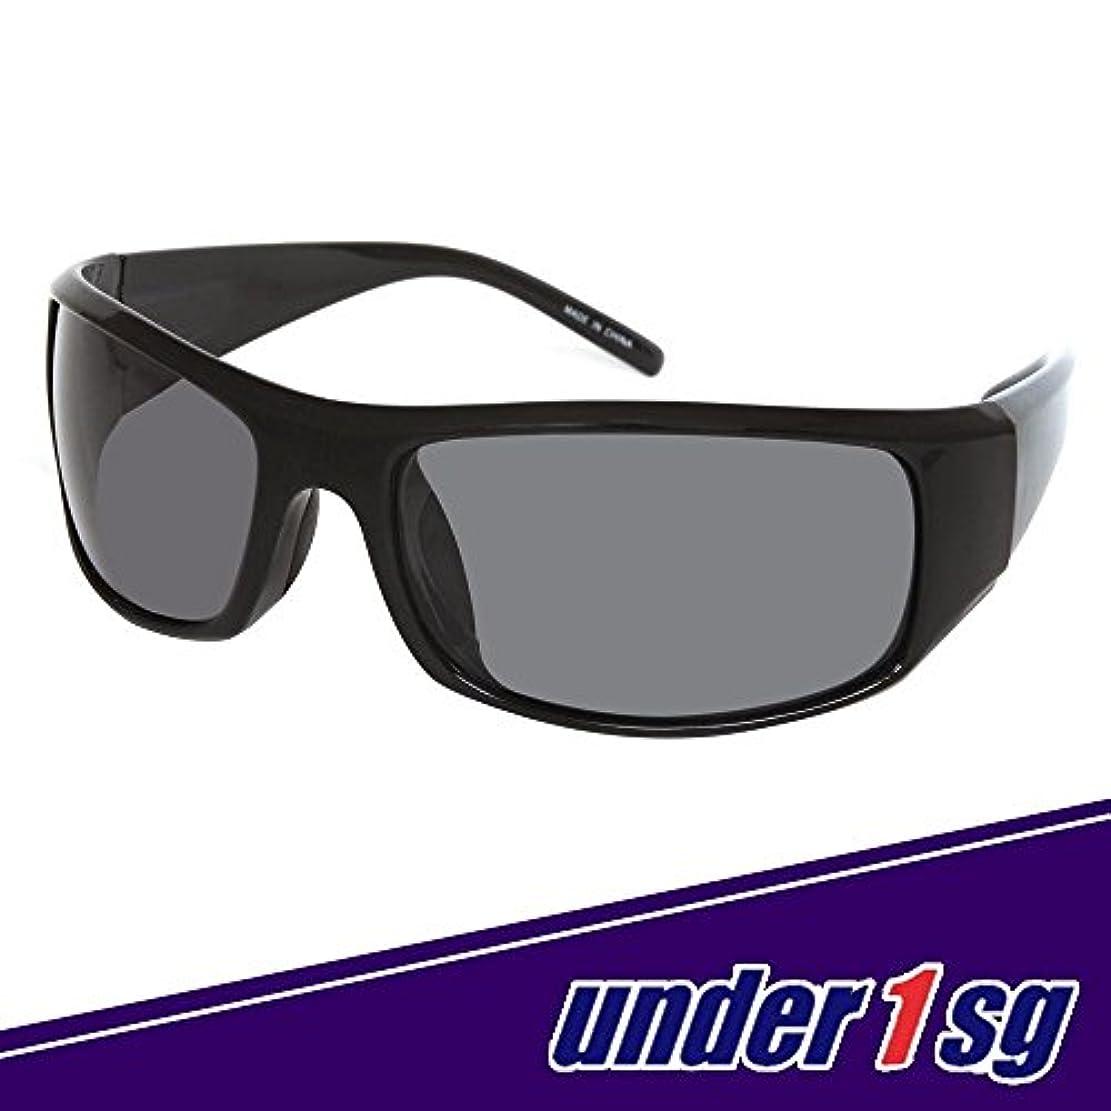 トラフィック純粋に解放するunder1sg(アンダーワンサングラス) 偏光サングラス F004-1 ブラック